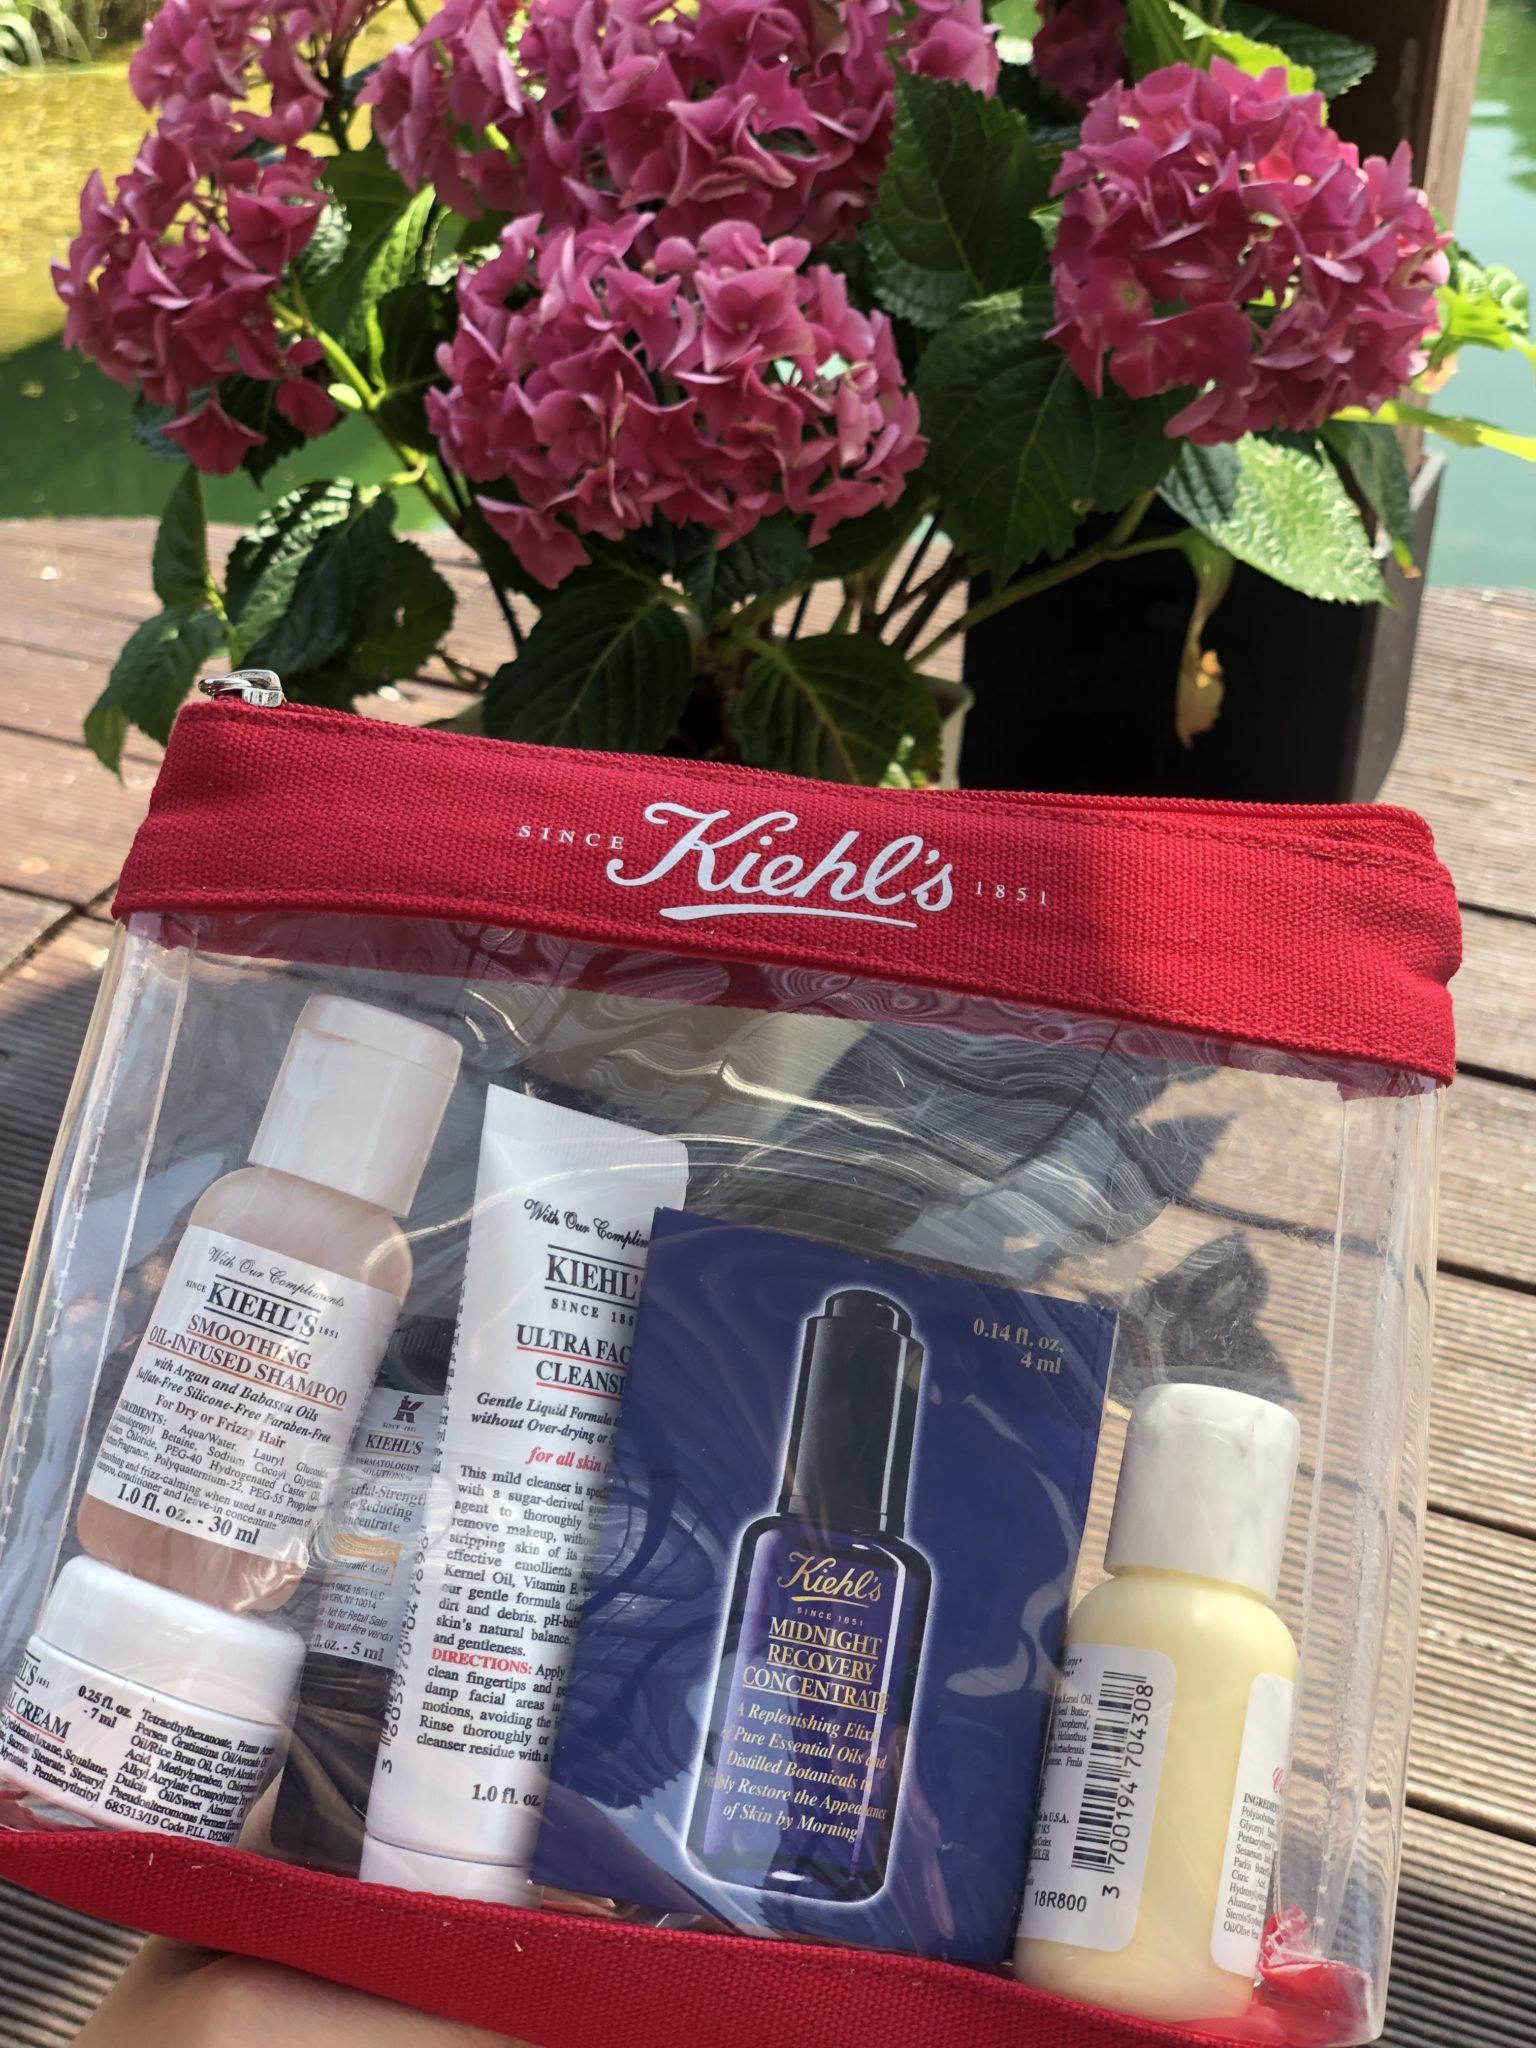 Vyhlášení soutěže o cestovní balení od Kiehl's